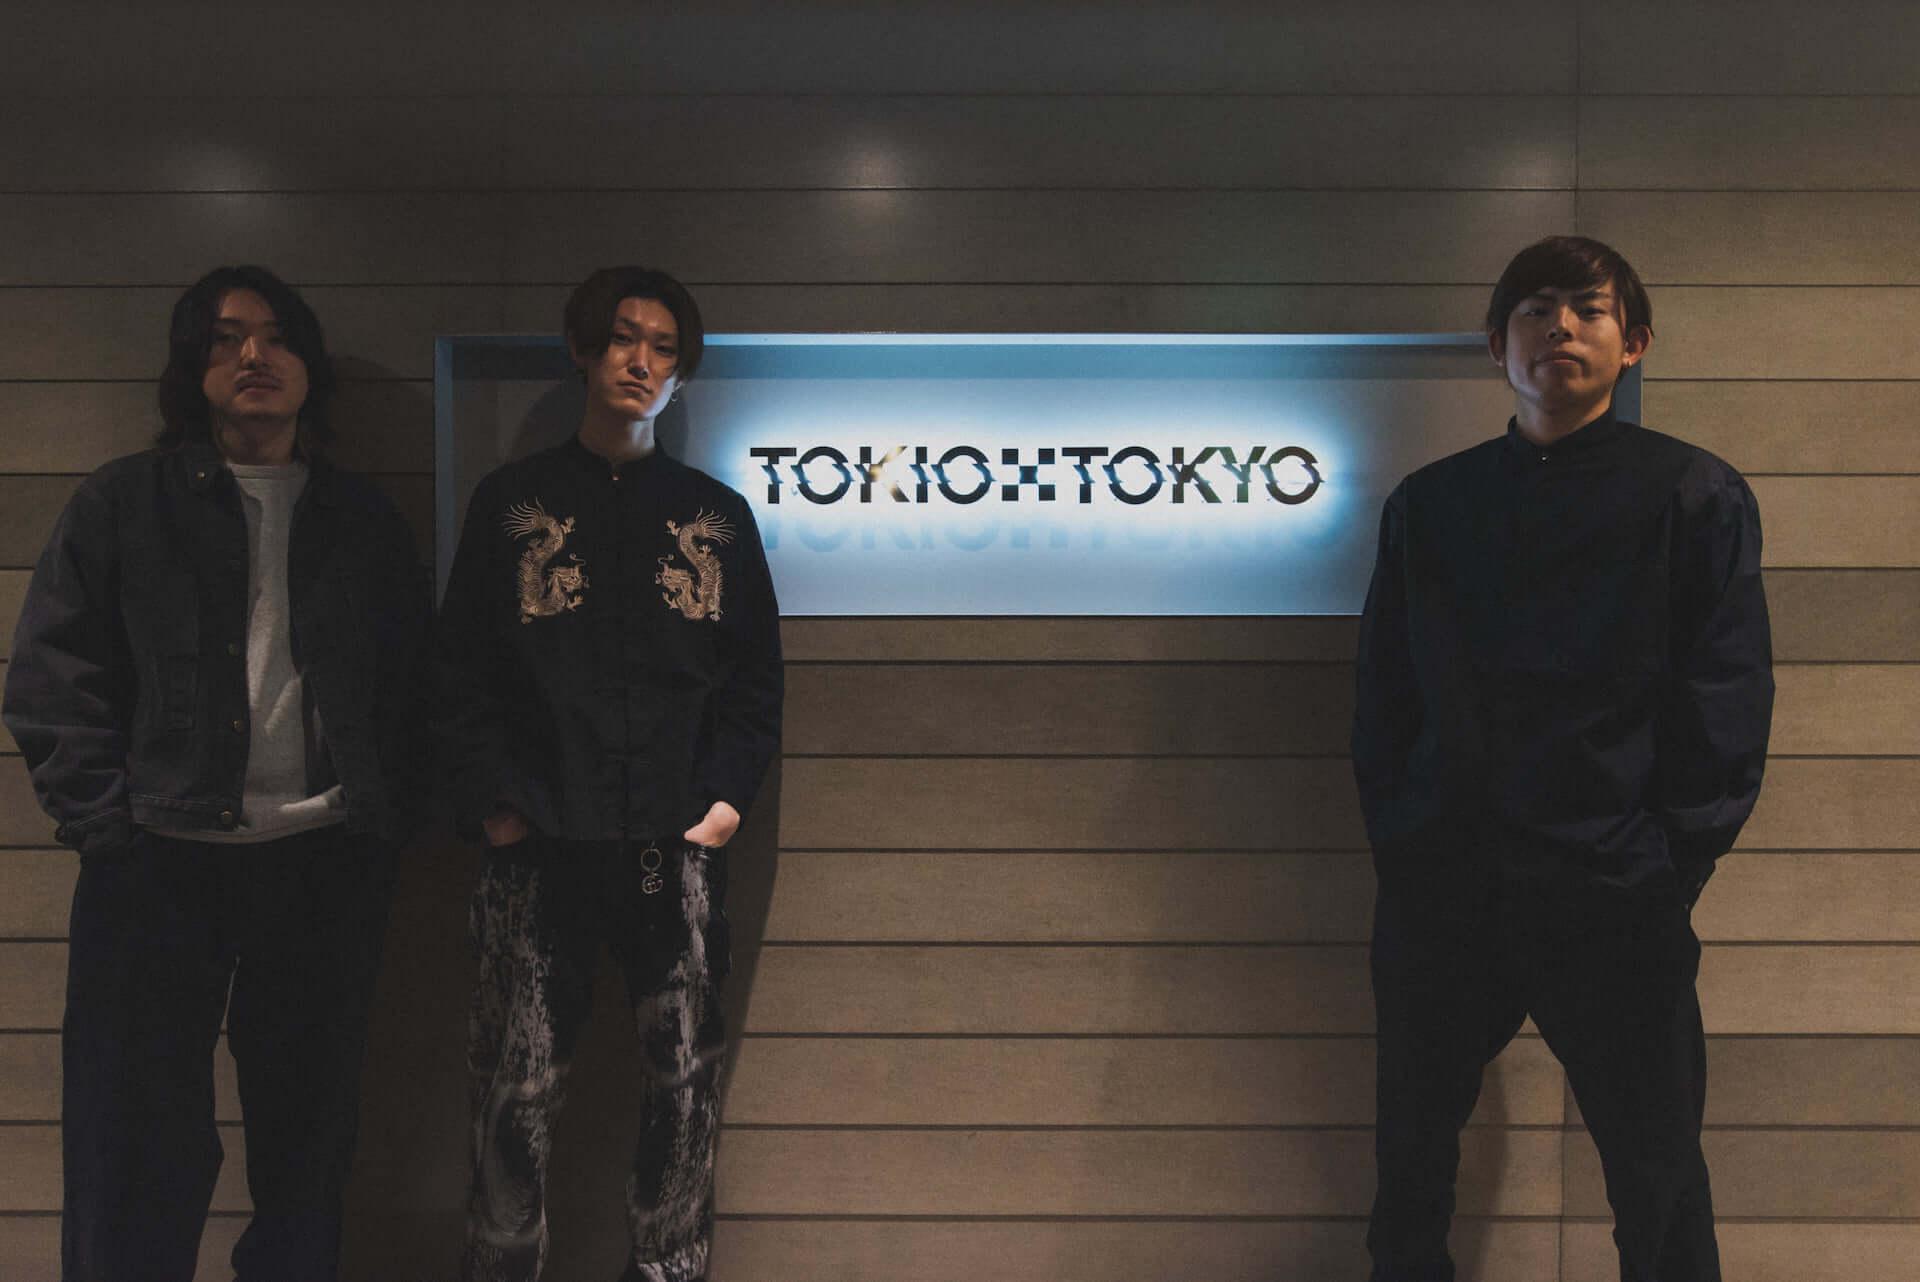 オーダーメイド型ライブハウス「TOKIO TOKYO」が渋谷に誕生!Dos Monos、Mom、Newspeak、BREIMENら出演のオープニングパーティーも実施 music210309_tokio-tokyo_5-1920x1282